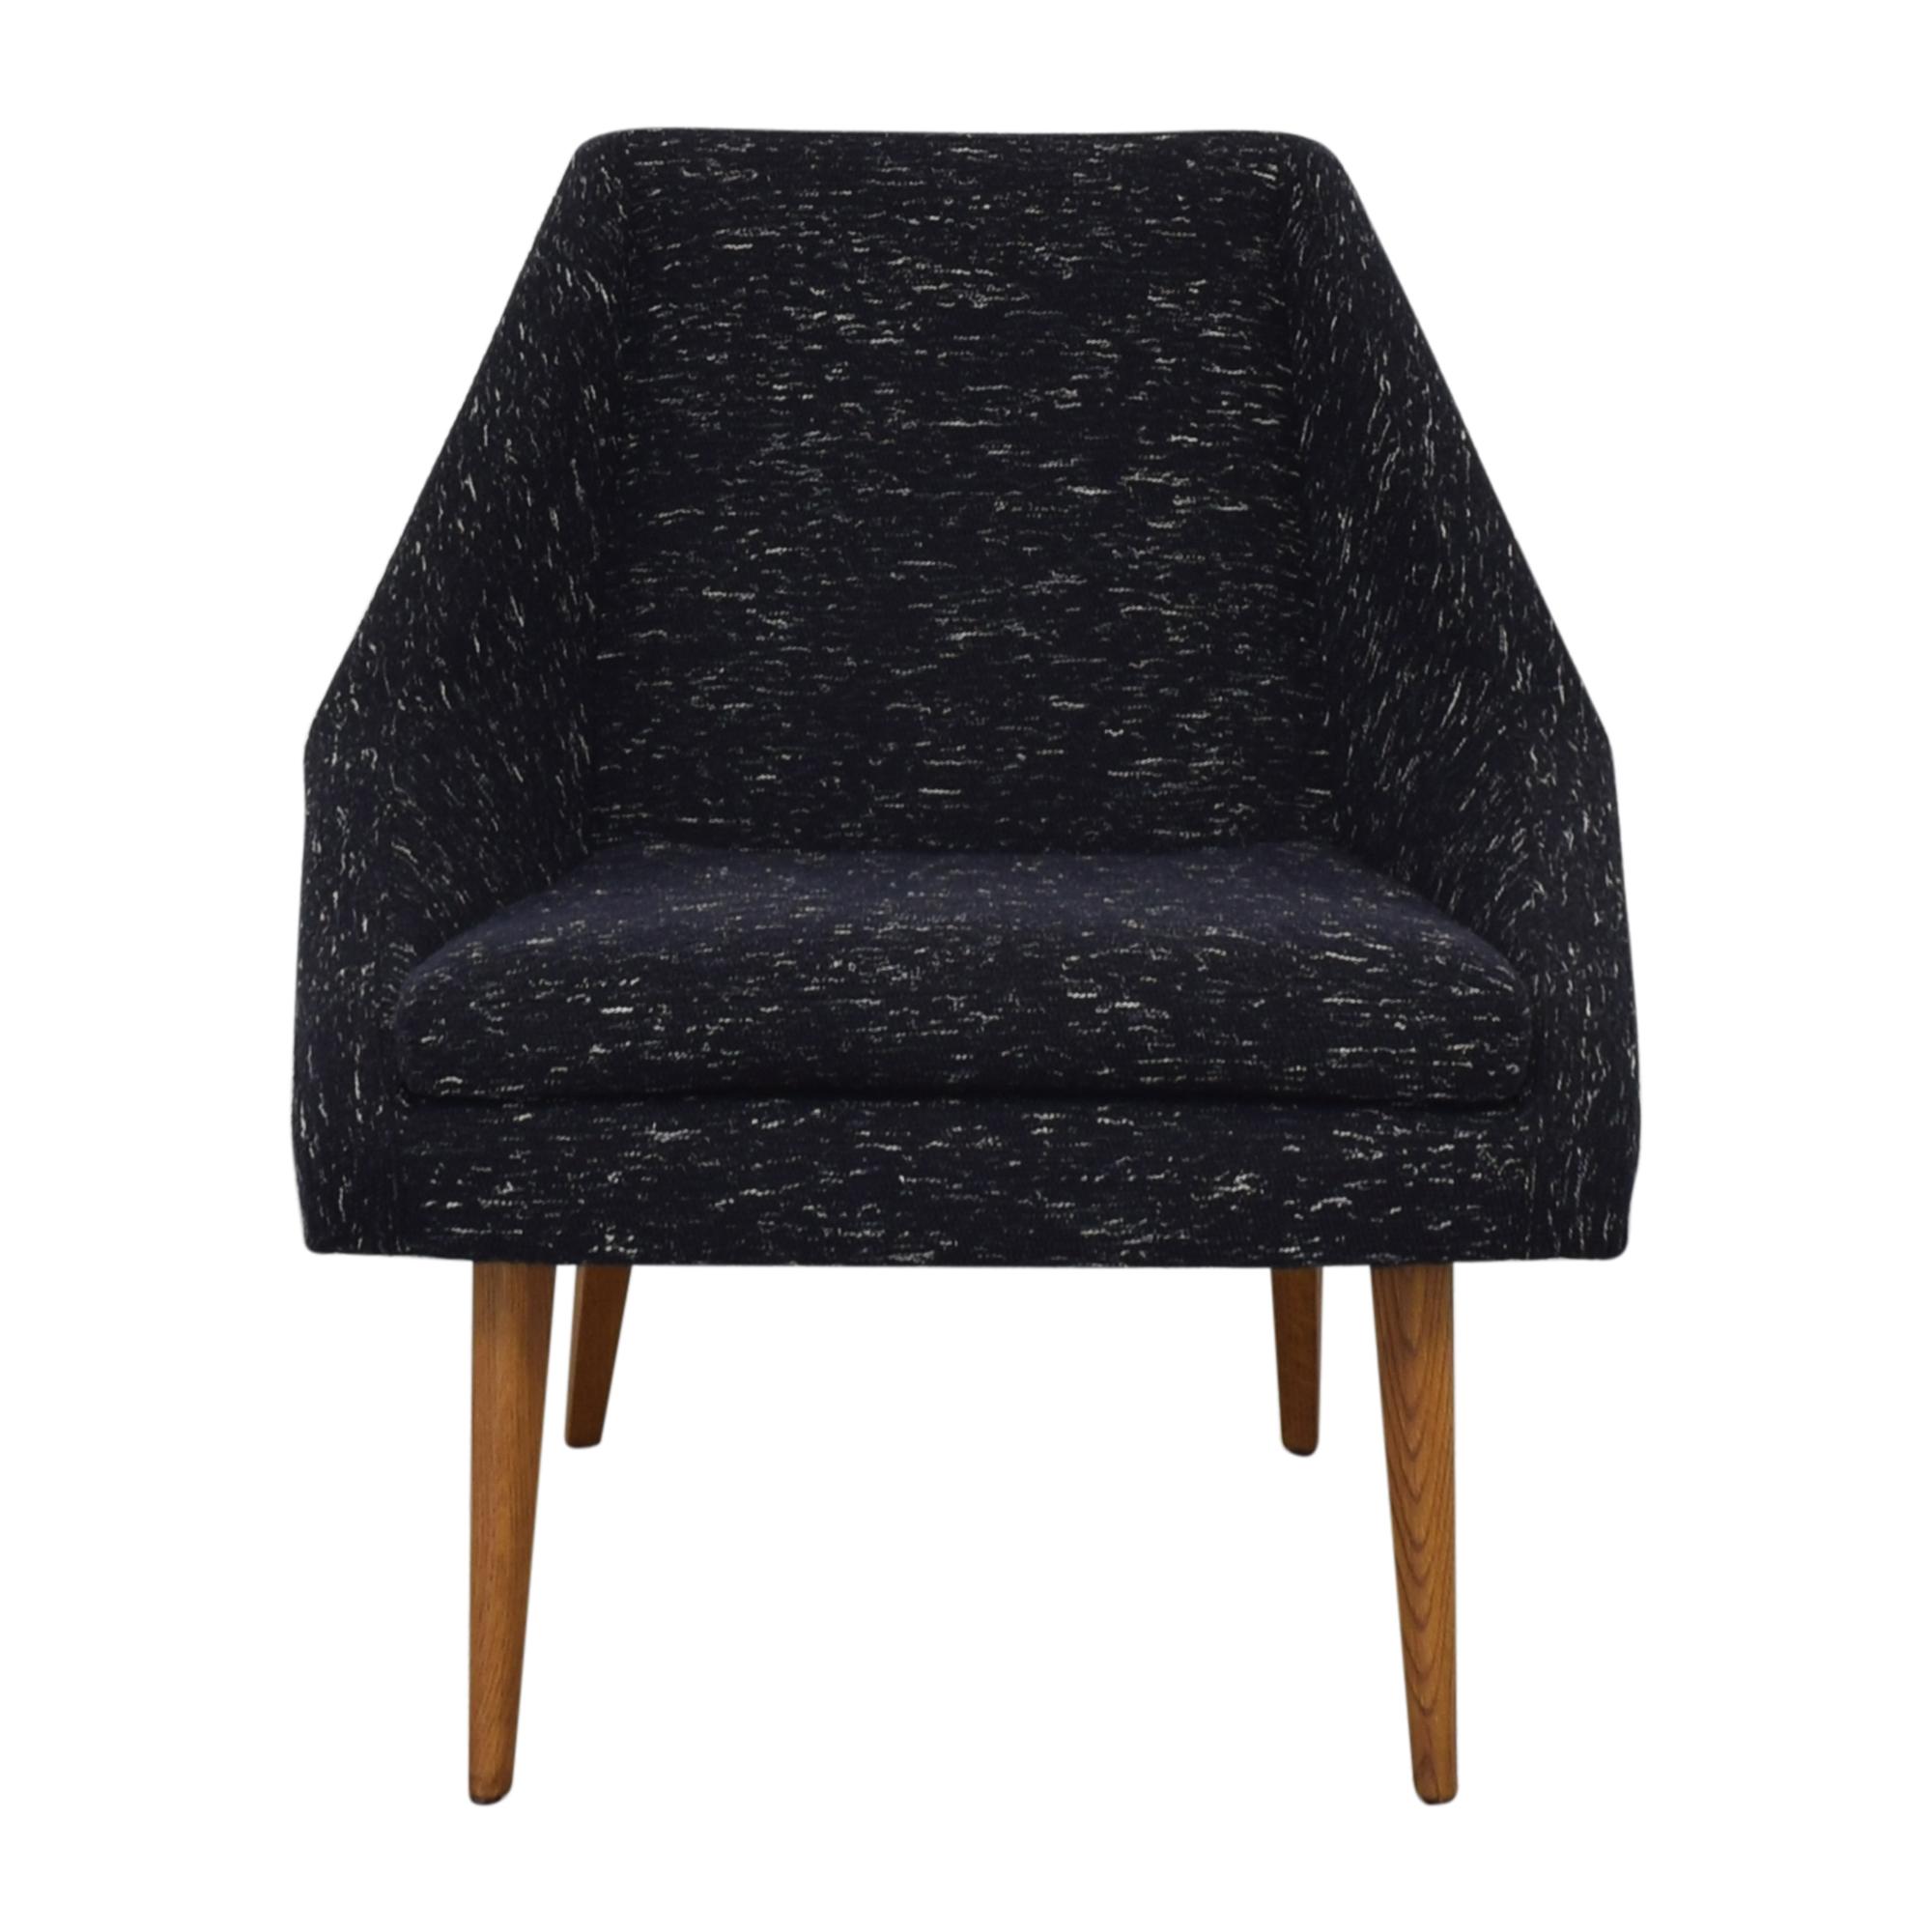 West Elm West Elm Parker Slipper Chair pa